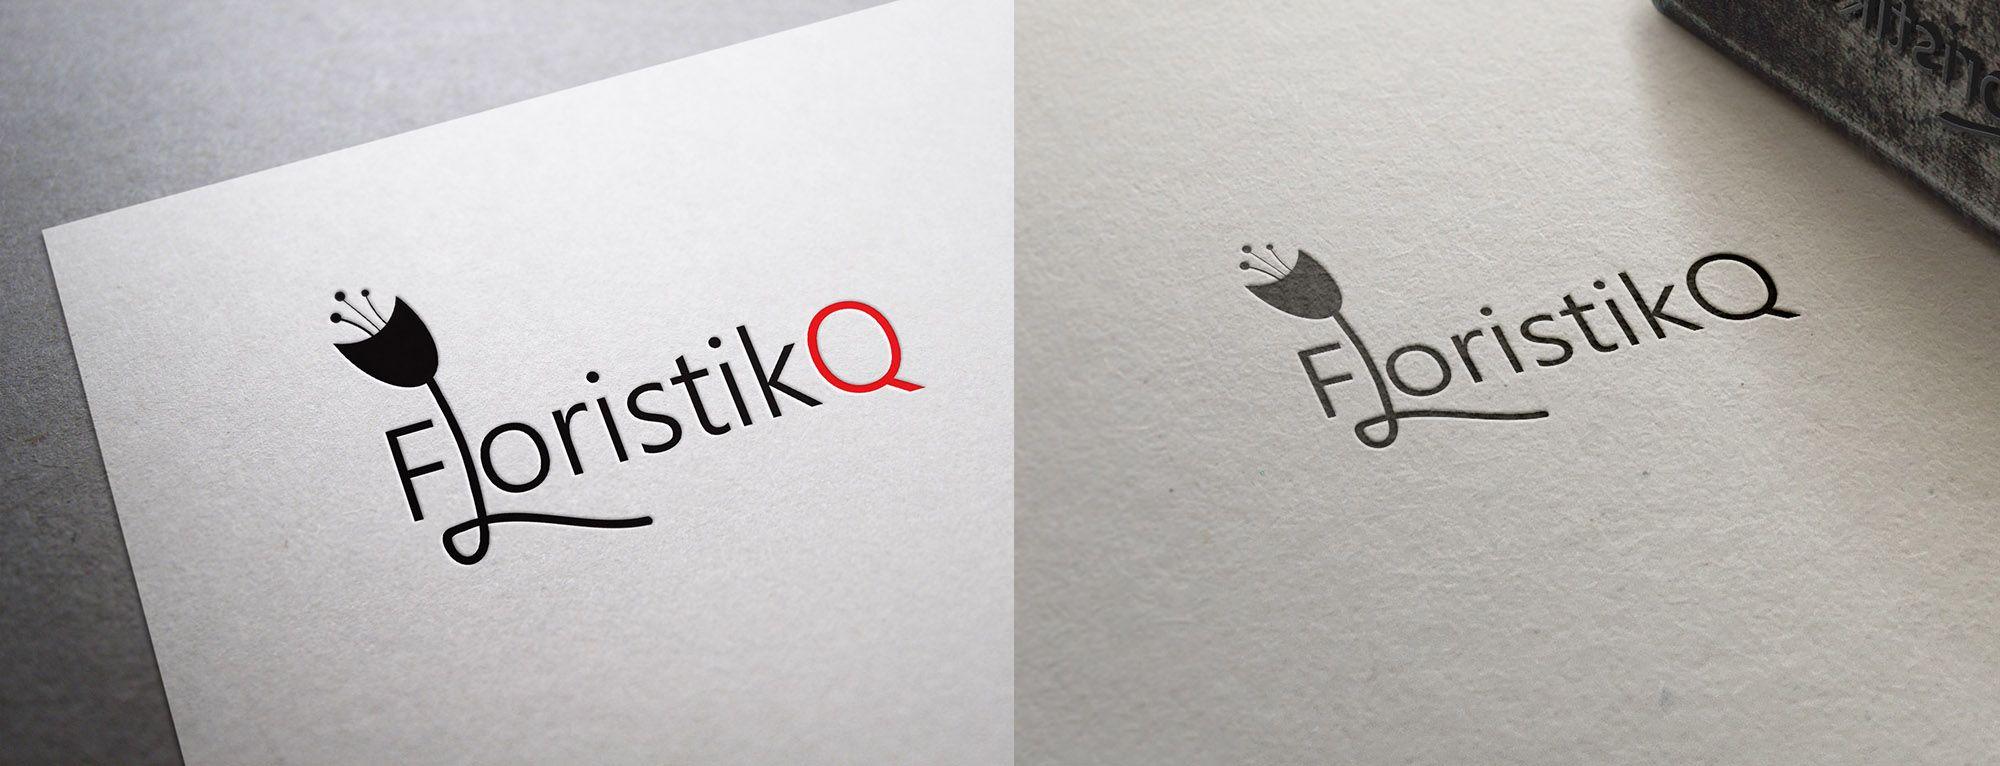 Логотип и фирм. стиль цветочного салона - дизайнер Vladlena_A